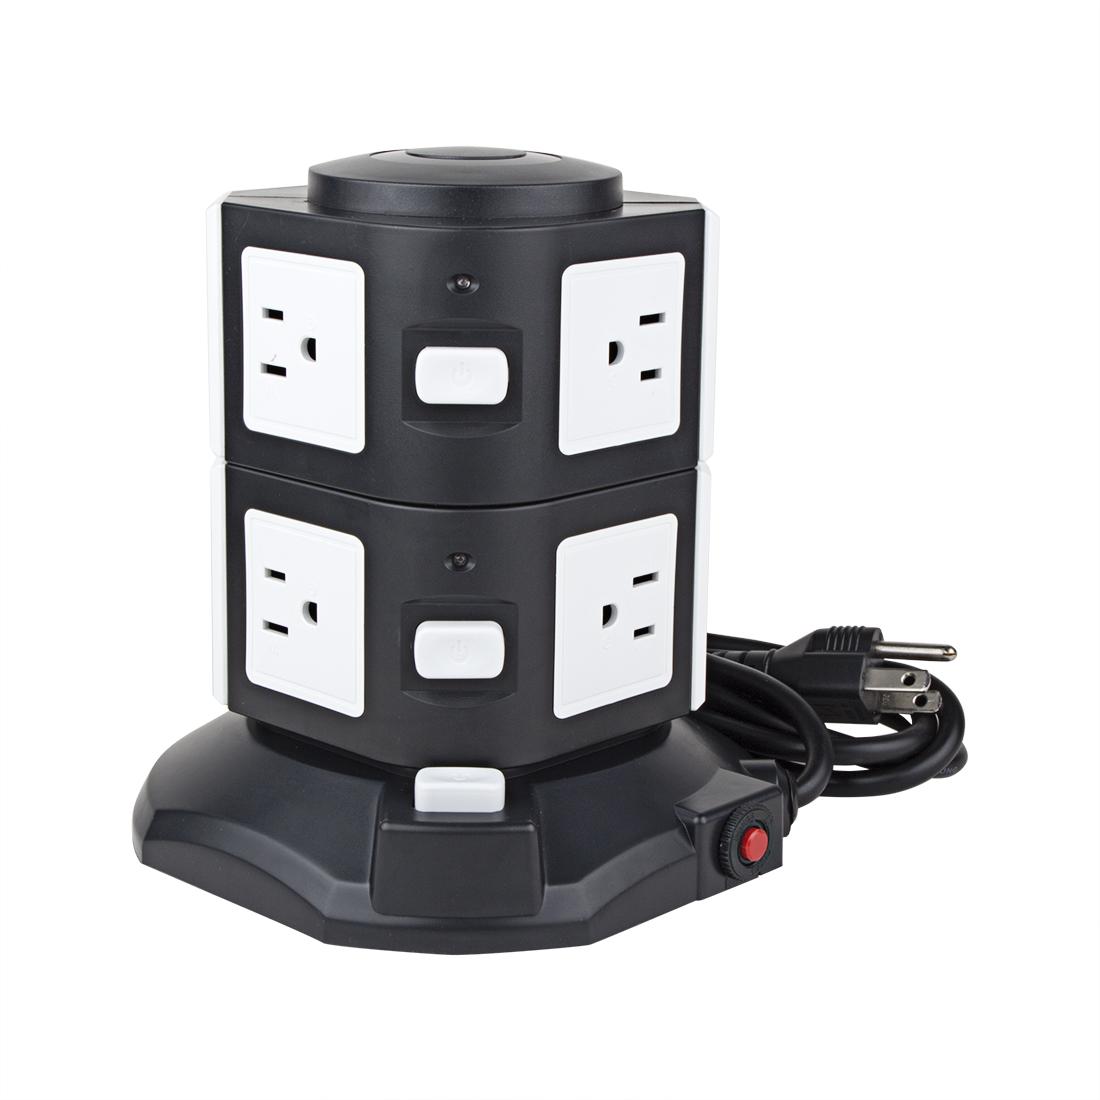 AC 110V US Plug Vertical Smart Socket 6 US Outlet 4 USB Ports 6 Ft Cable White Black